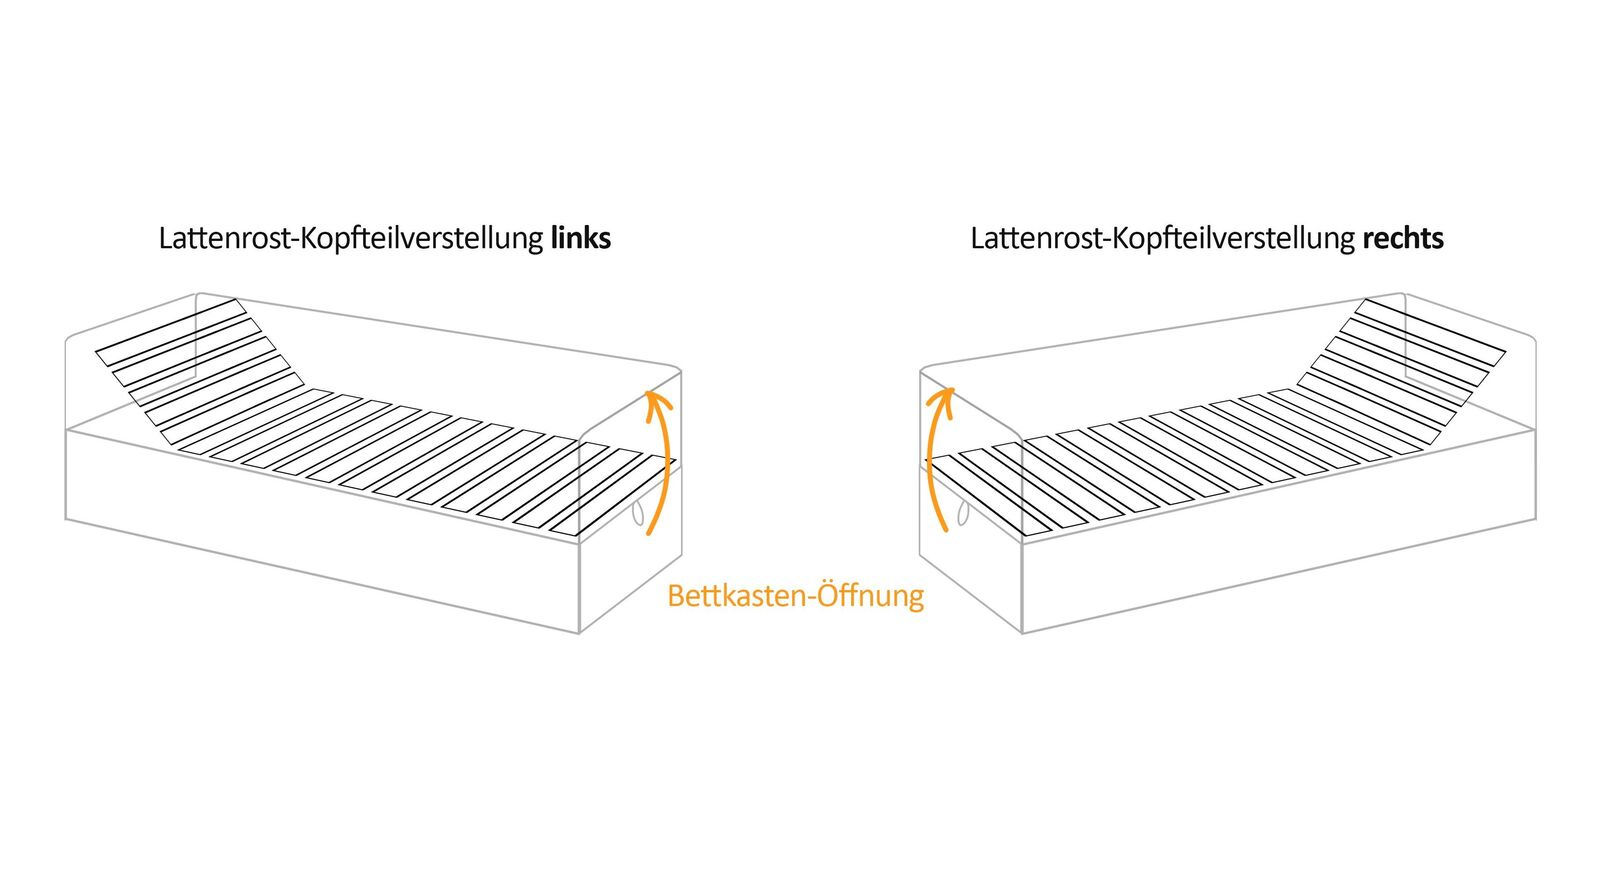 Anschauungs-Grafik für die Bettkasten- und Lattenrost-Verstellung des Schlafsofas